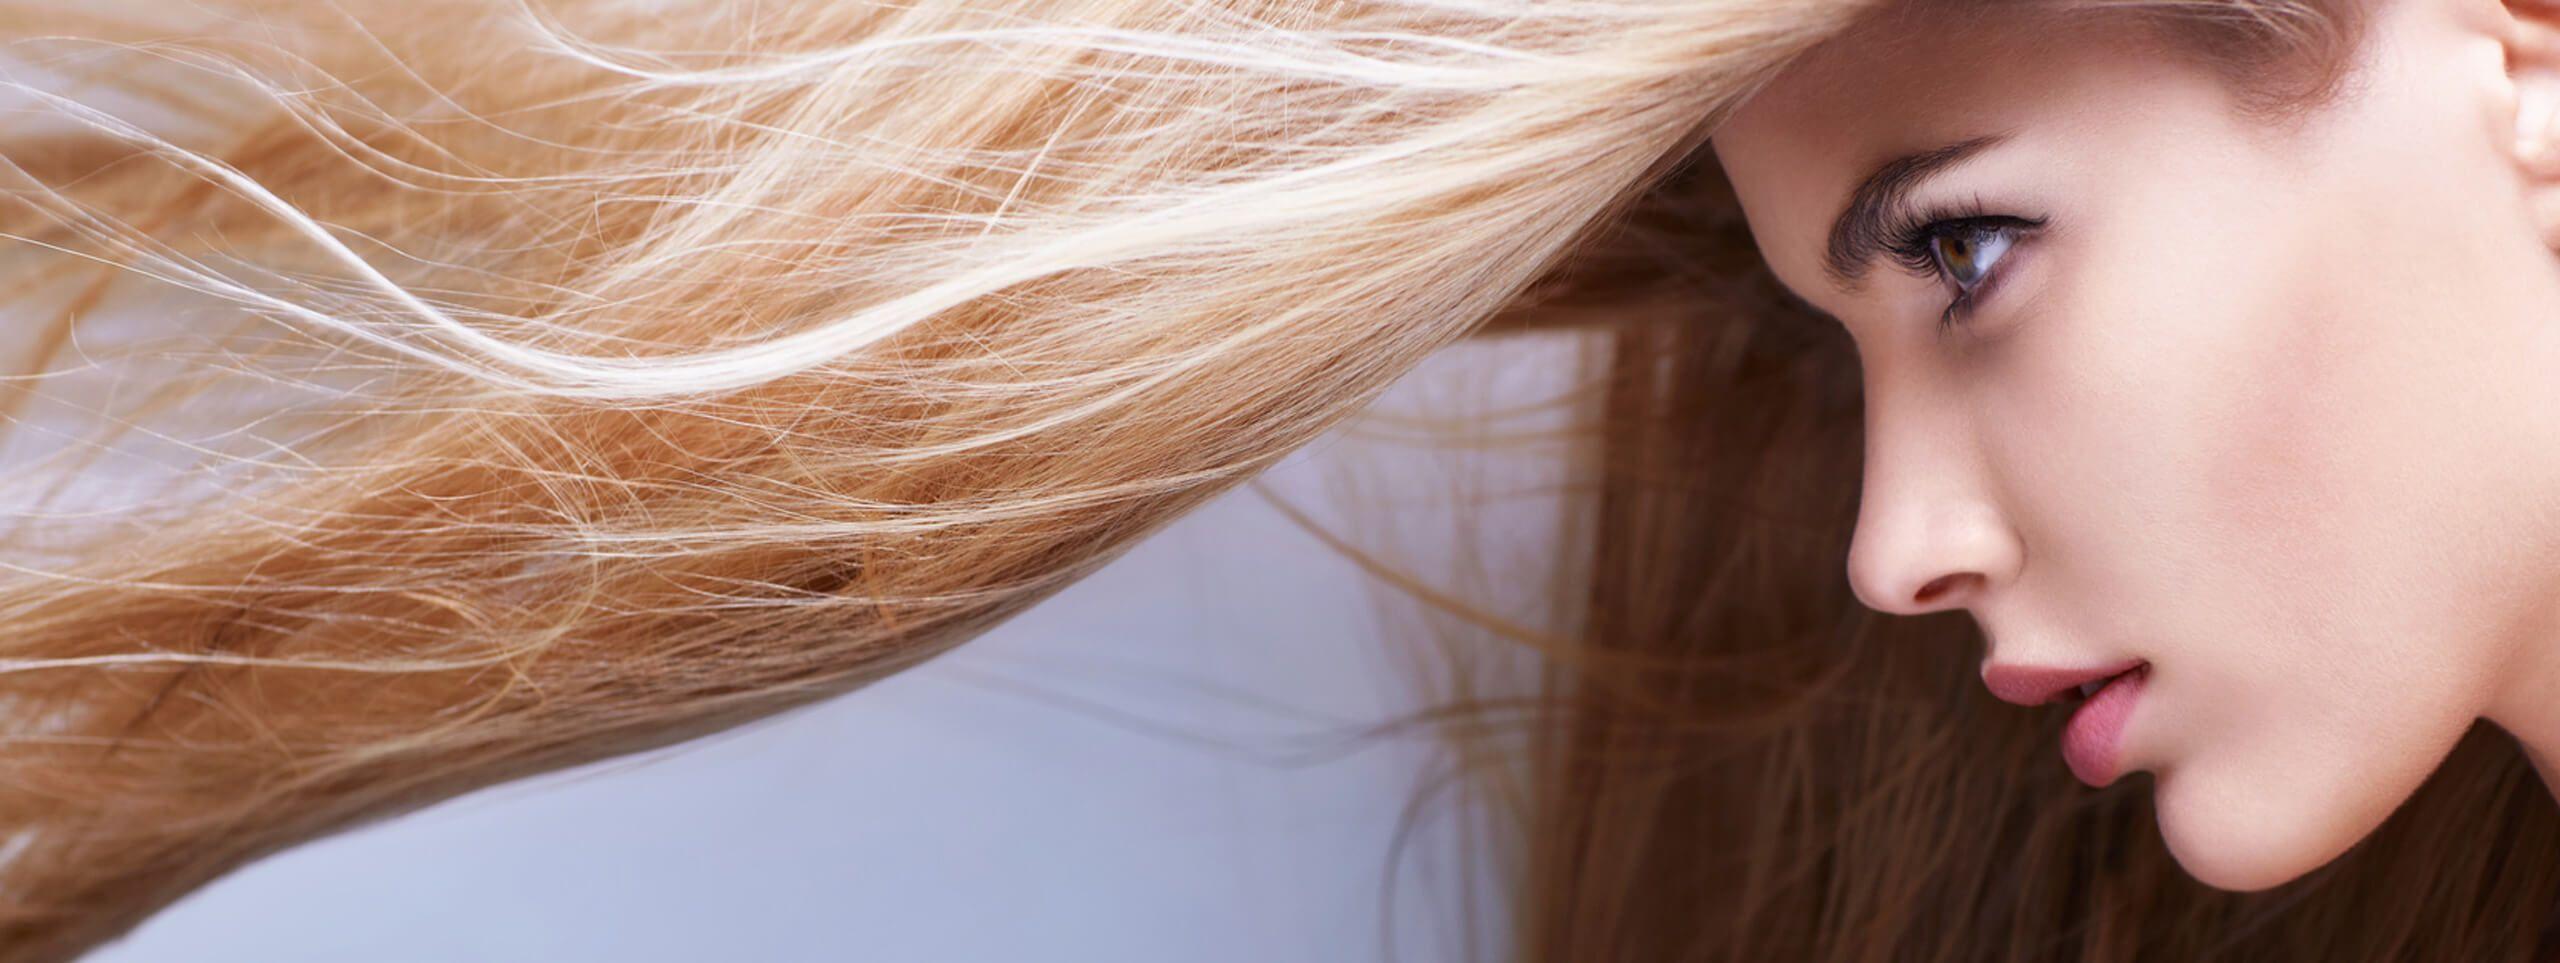 Femme blonde se séchant les cheveux